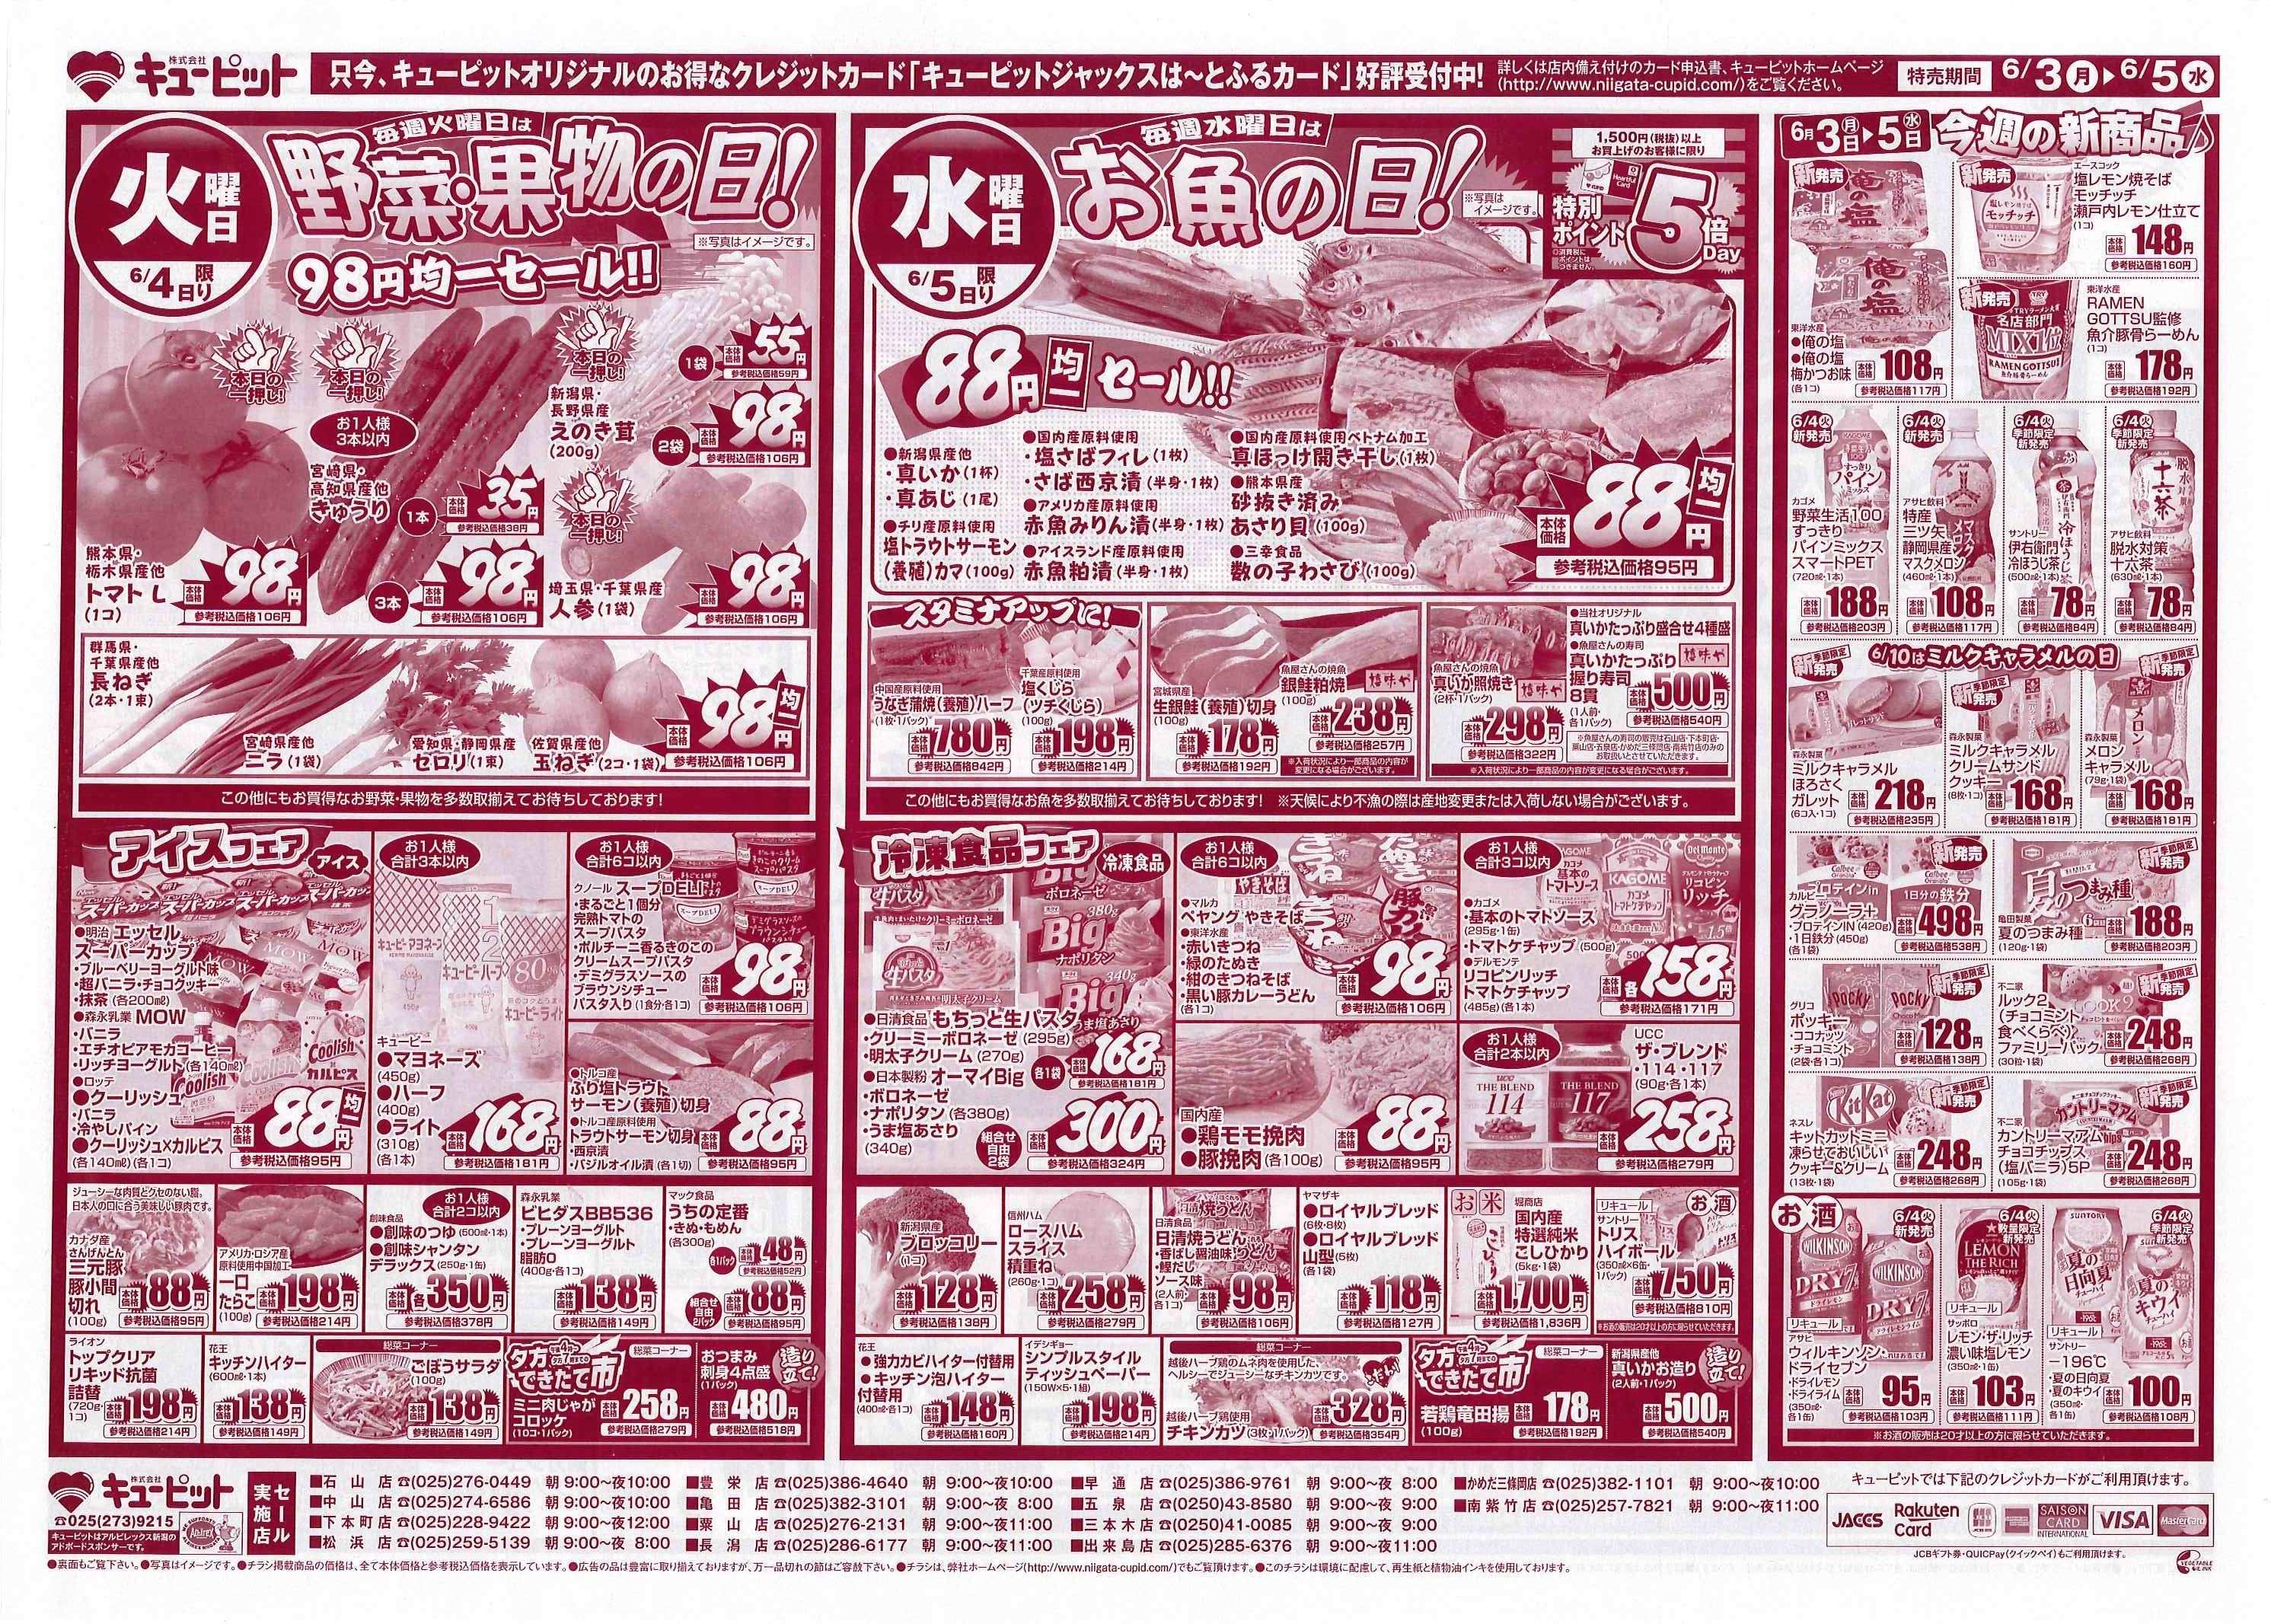 新潟 市 チラシ 店舗・チラシ情報店舗情報 - hnhd.co.jp